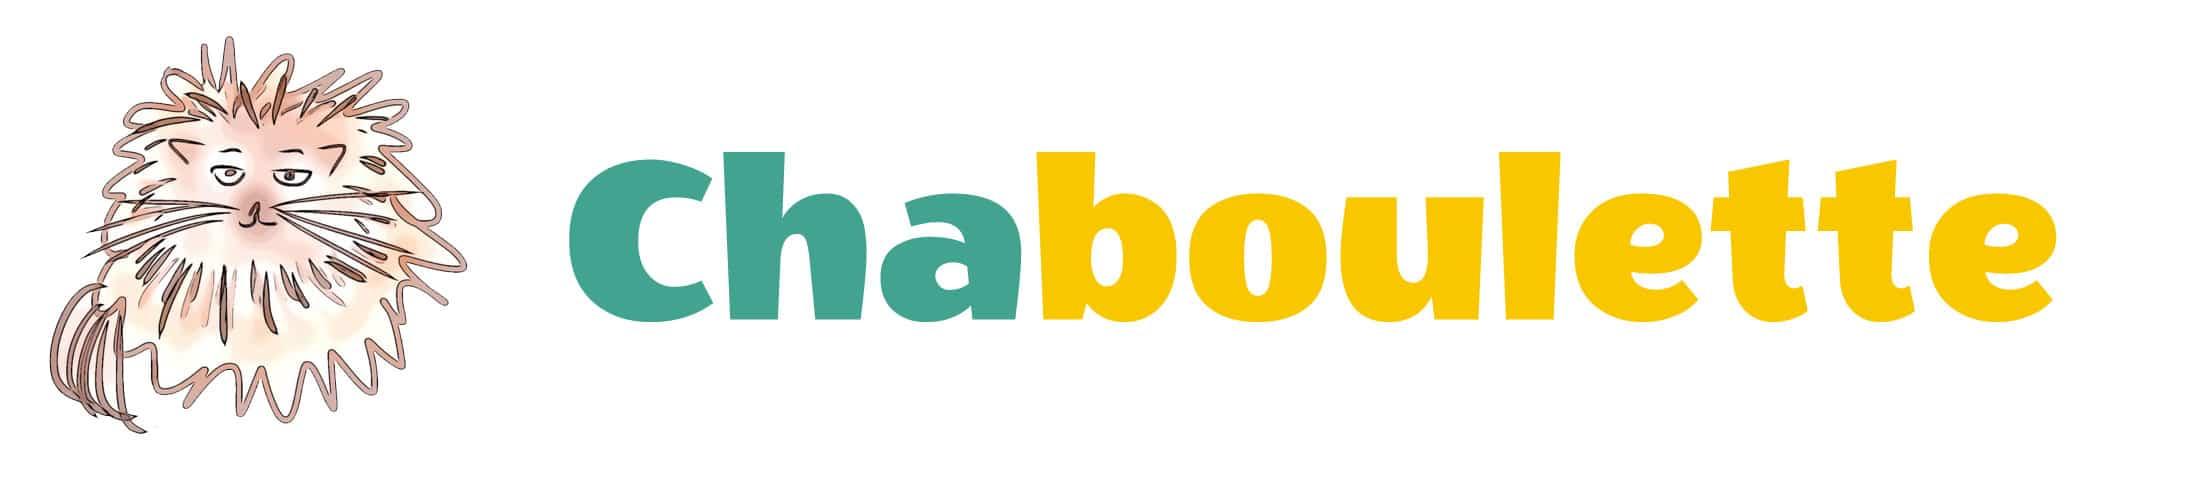 Chaboulette le logo entier du site Chaboulette livres pour enfants et jeunesse